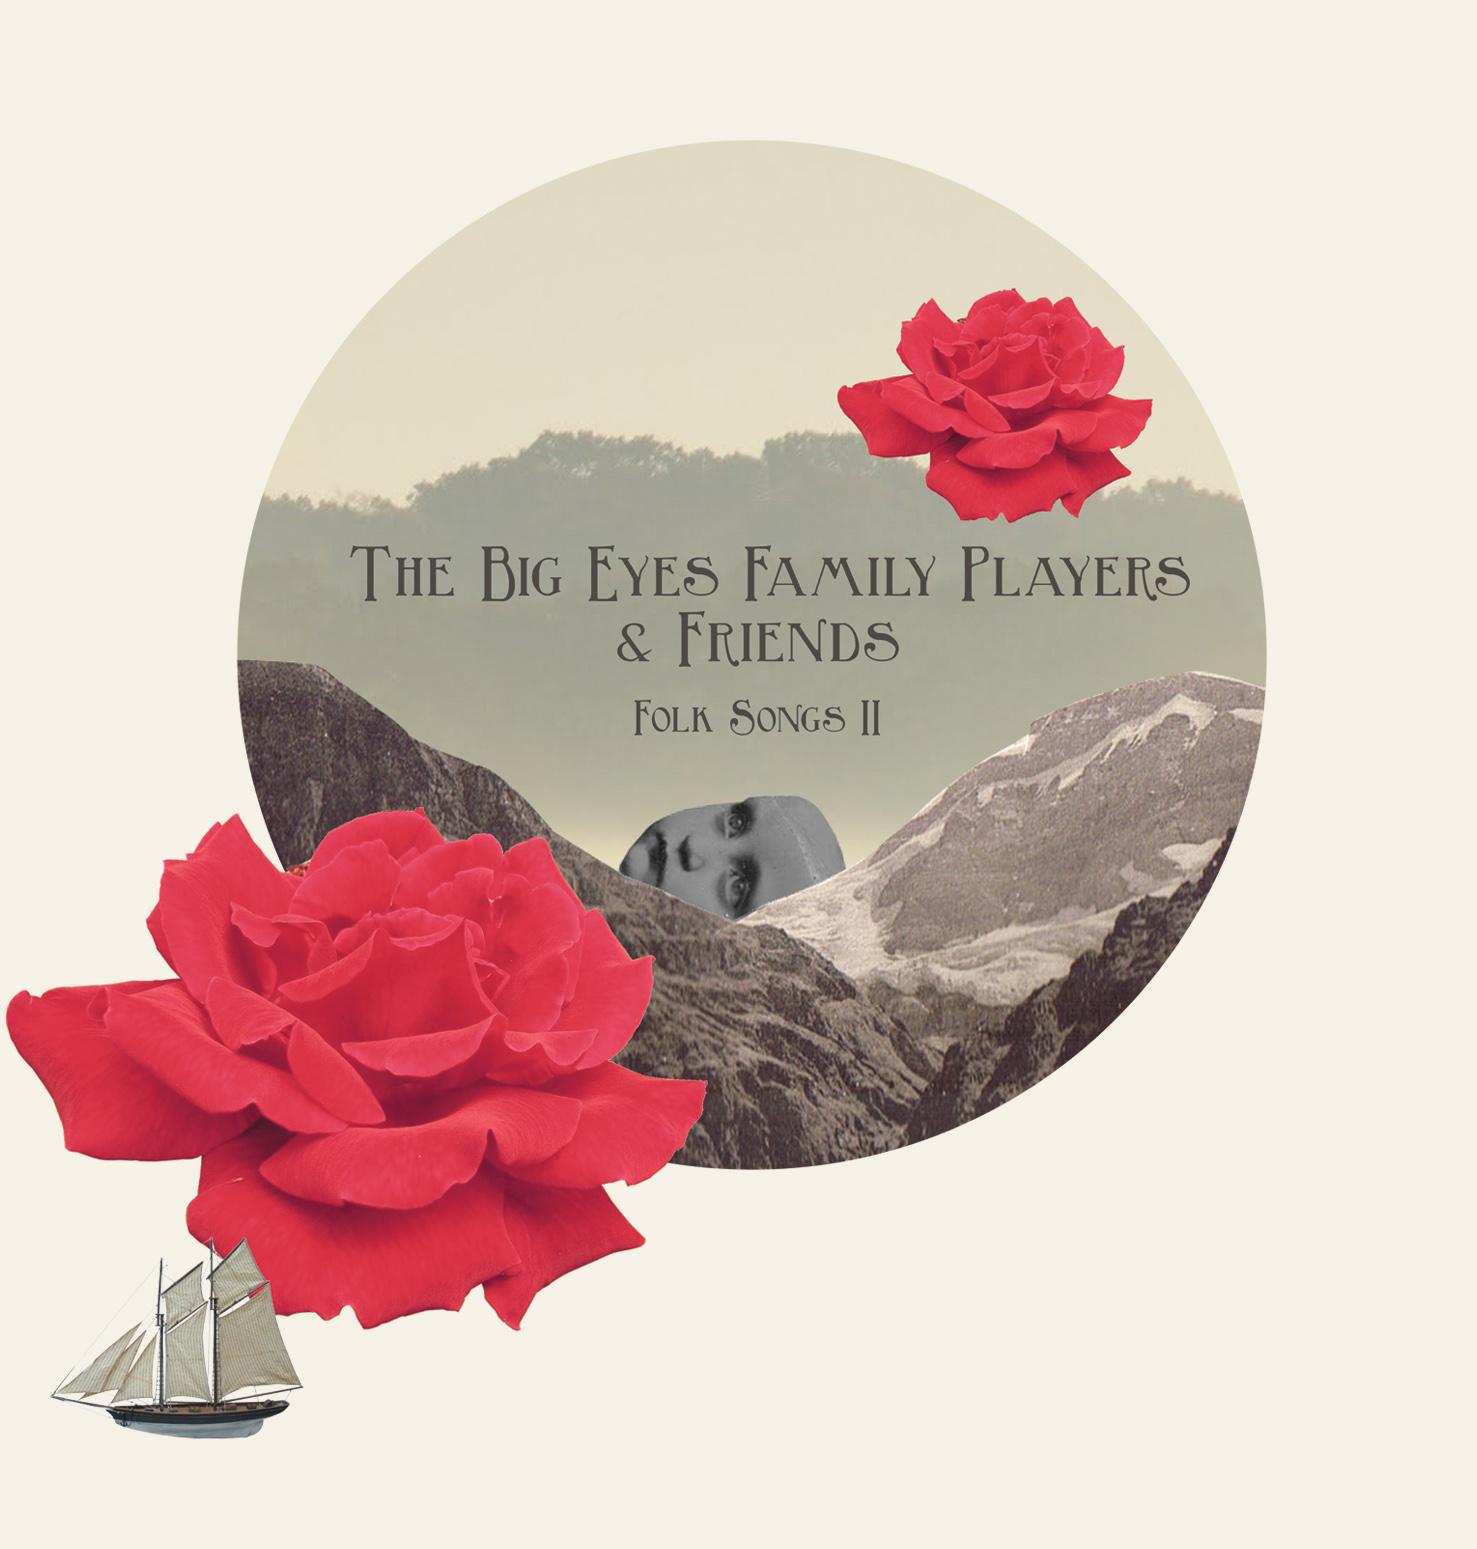 http://1.bp.blogspot.com/-kEofWq3HZ5E/UESB1M6FT9I/AAAAAAAACO4/mcgaSJAh4gI/s1600/folk+songs+2+cover.jpg